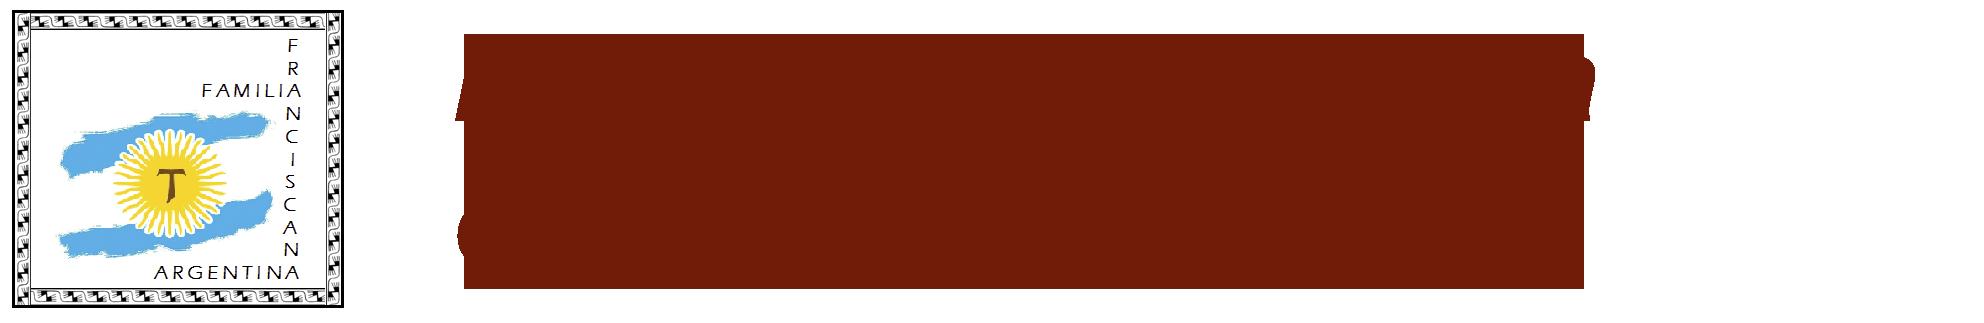 Familia Franciscana en Argentina